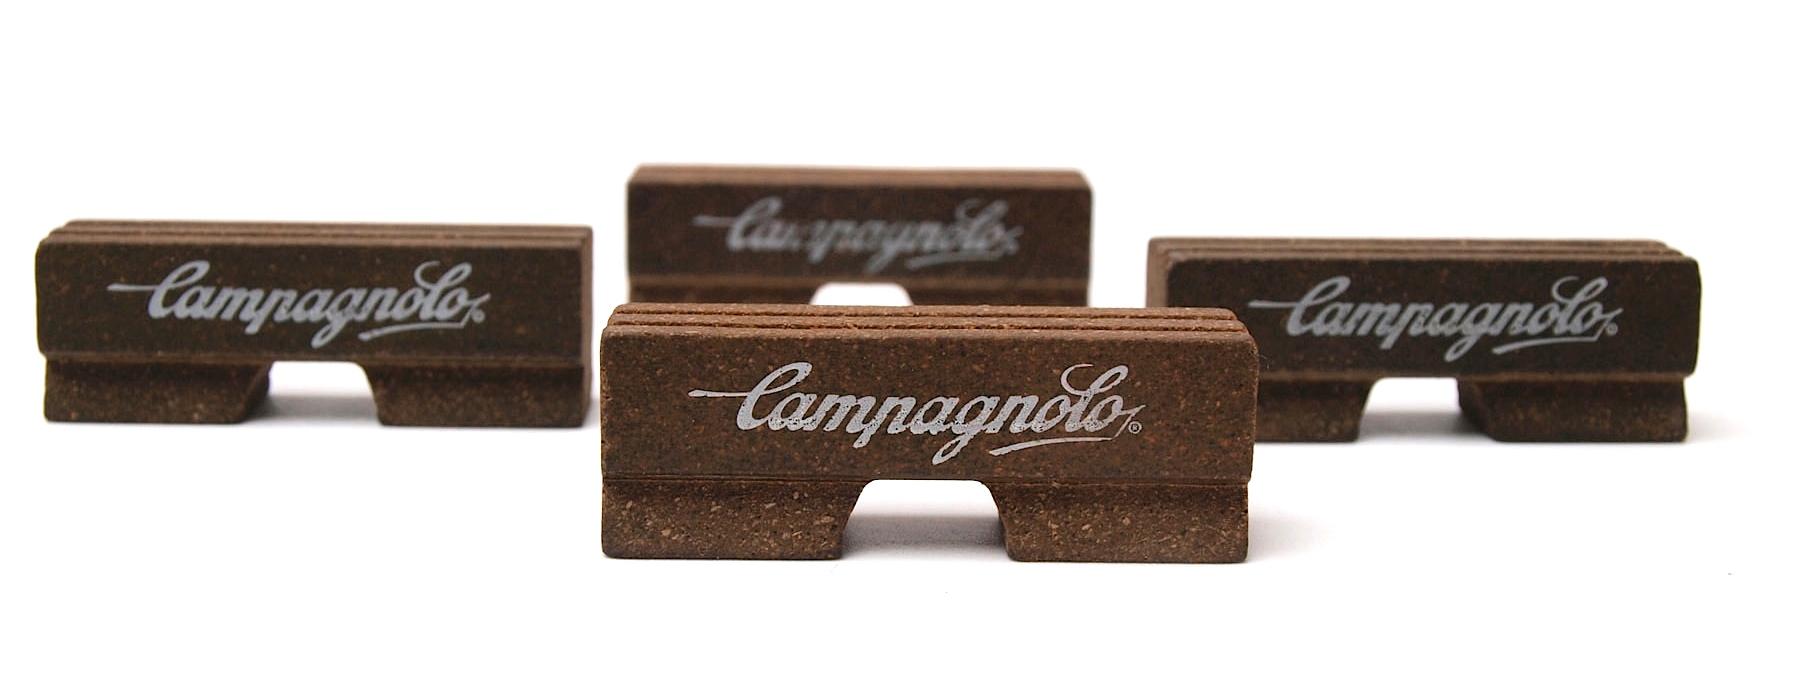 Campagnolo vintage Teile